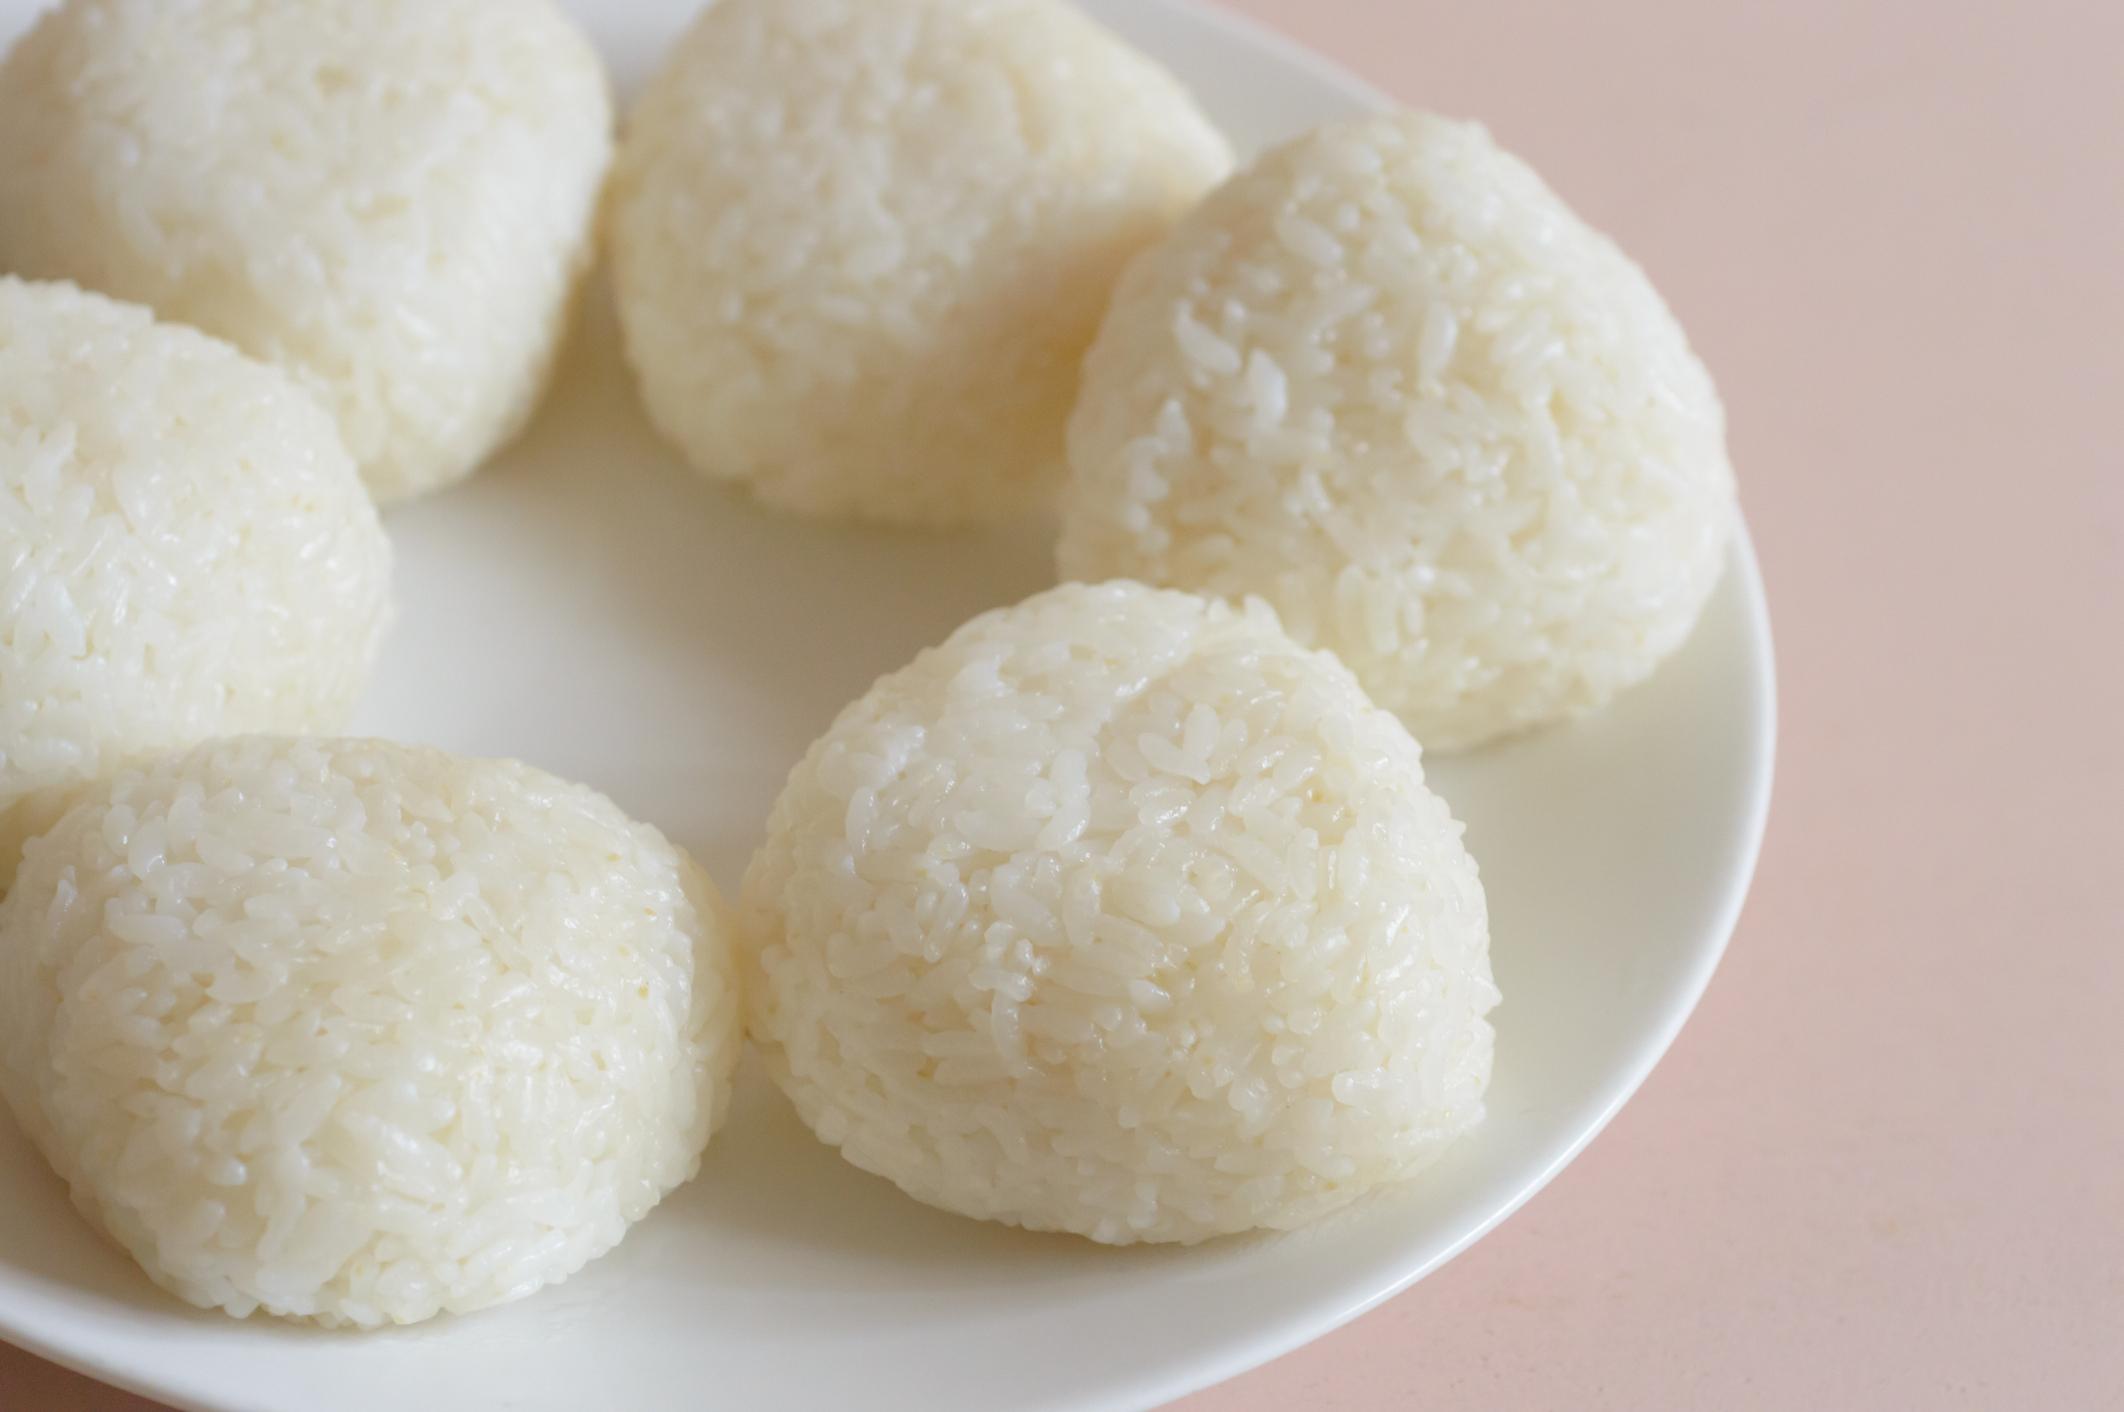 Boulettes de riz doux à la noix de coco